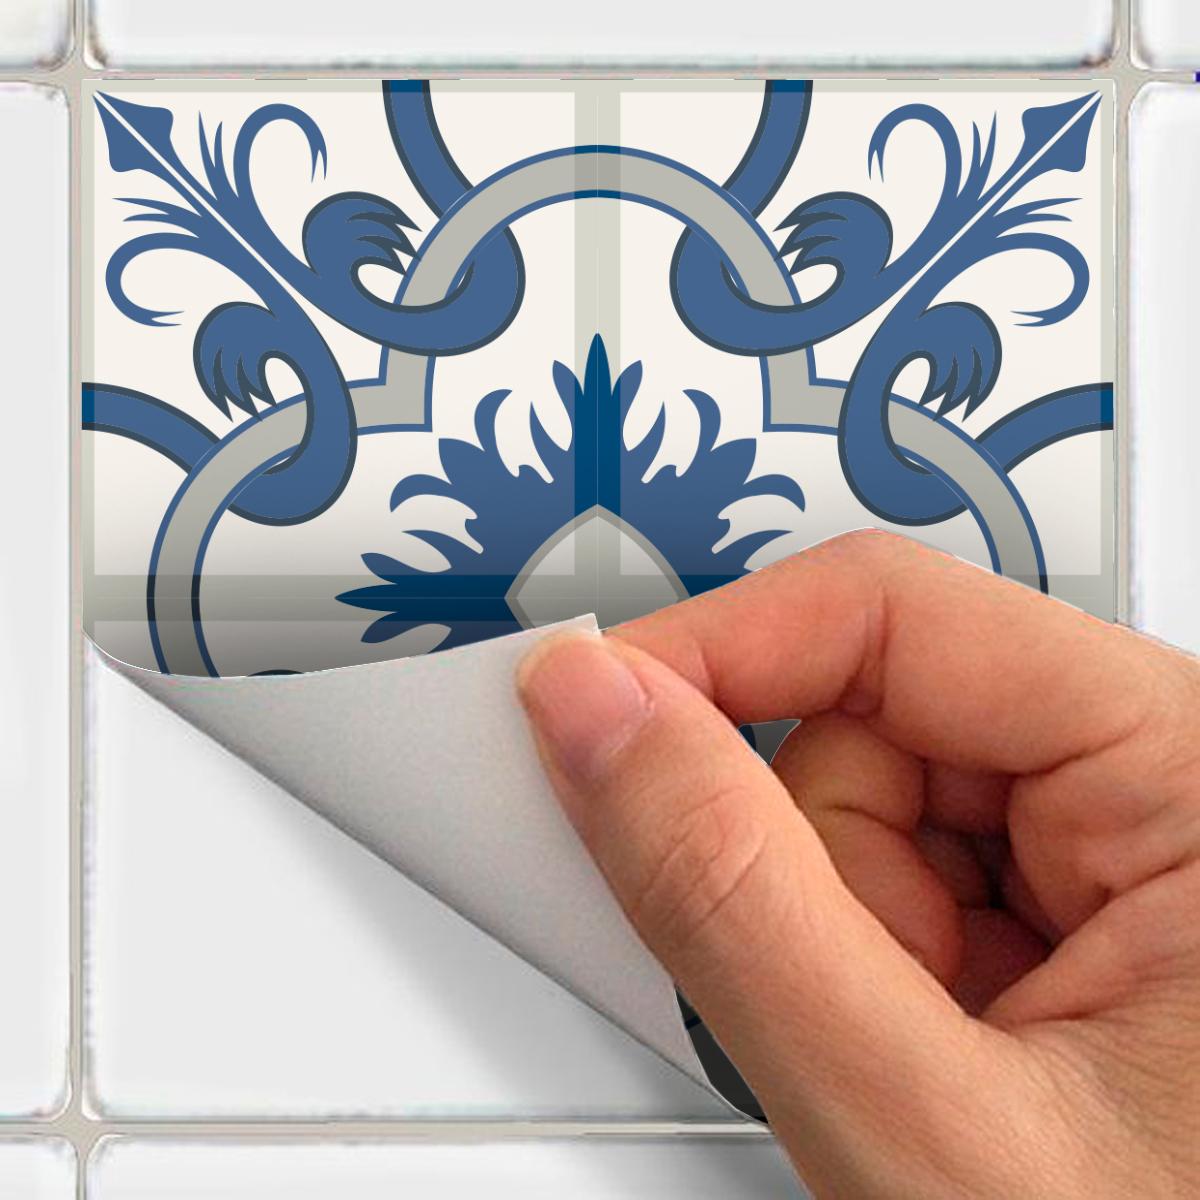 9 stickers carreaux de ciment azulejos orsino salle de bain et wc salle de bain ambiance sticker. Black Bedroom Furniture Sets. Home Design Ideas